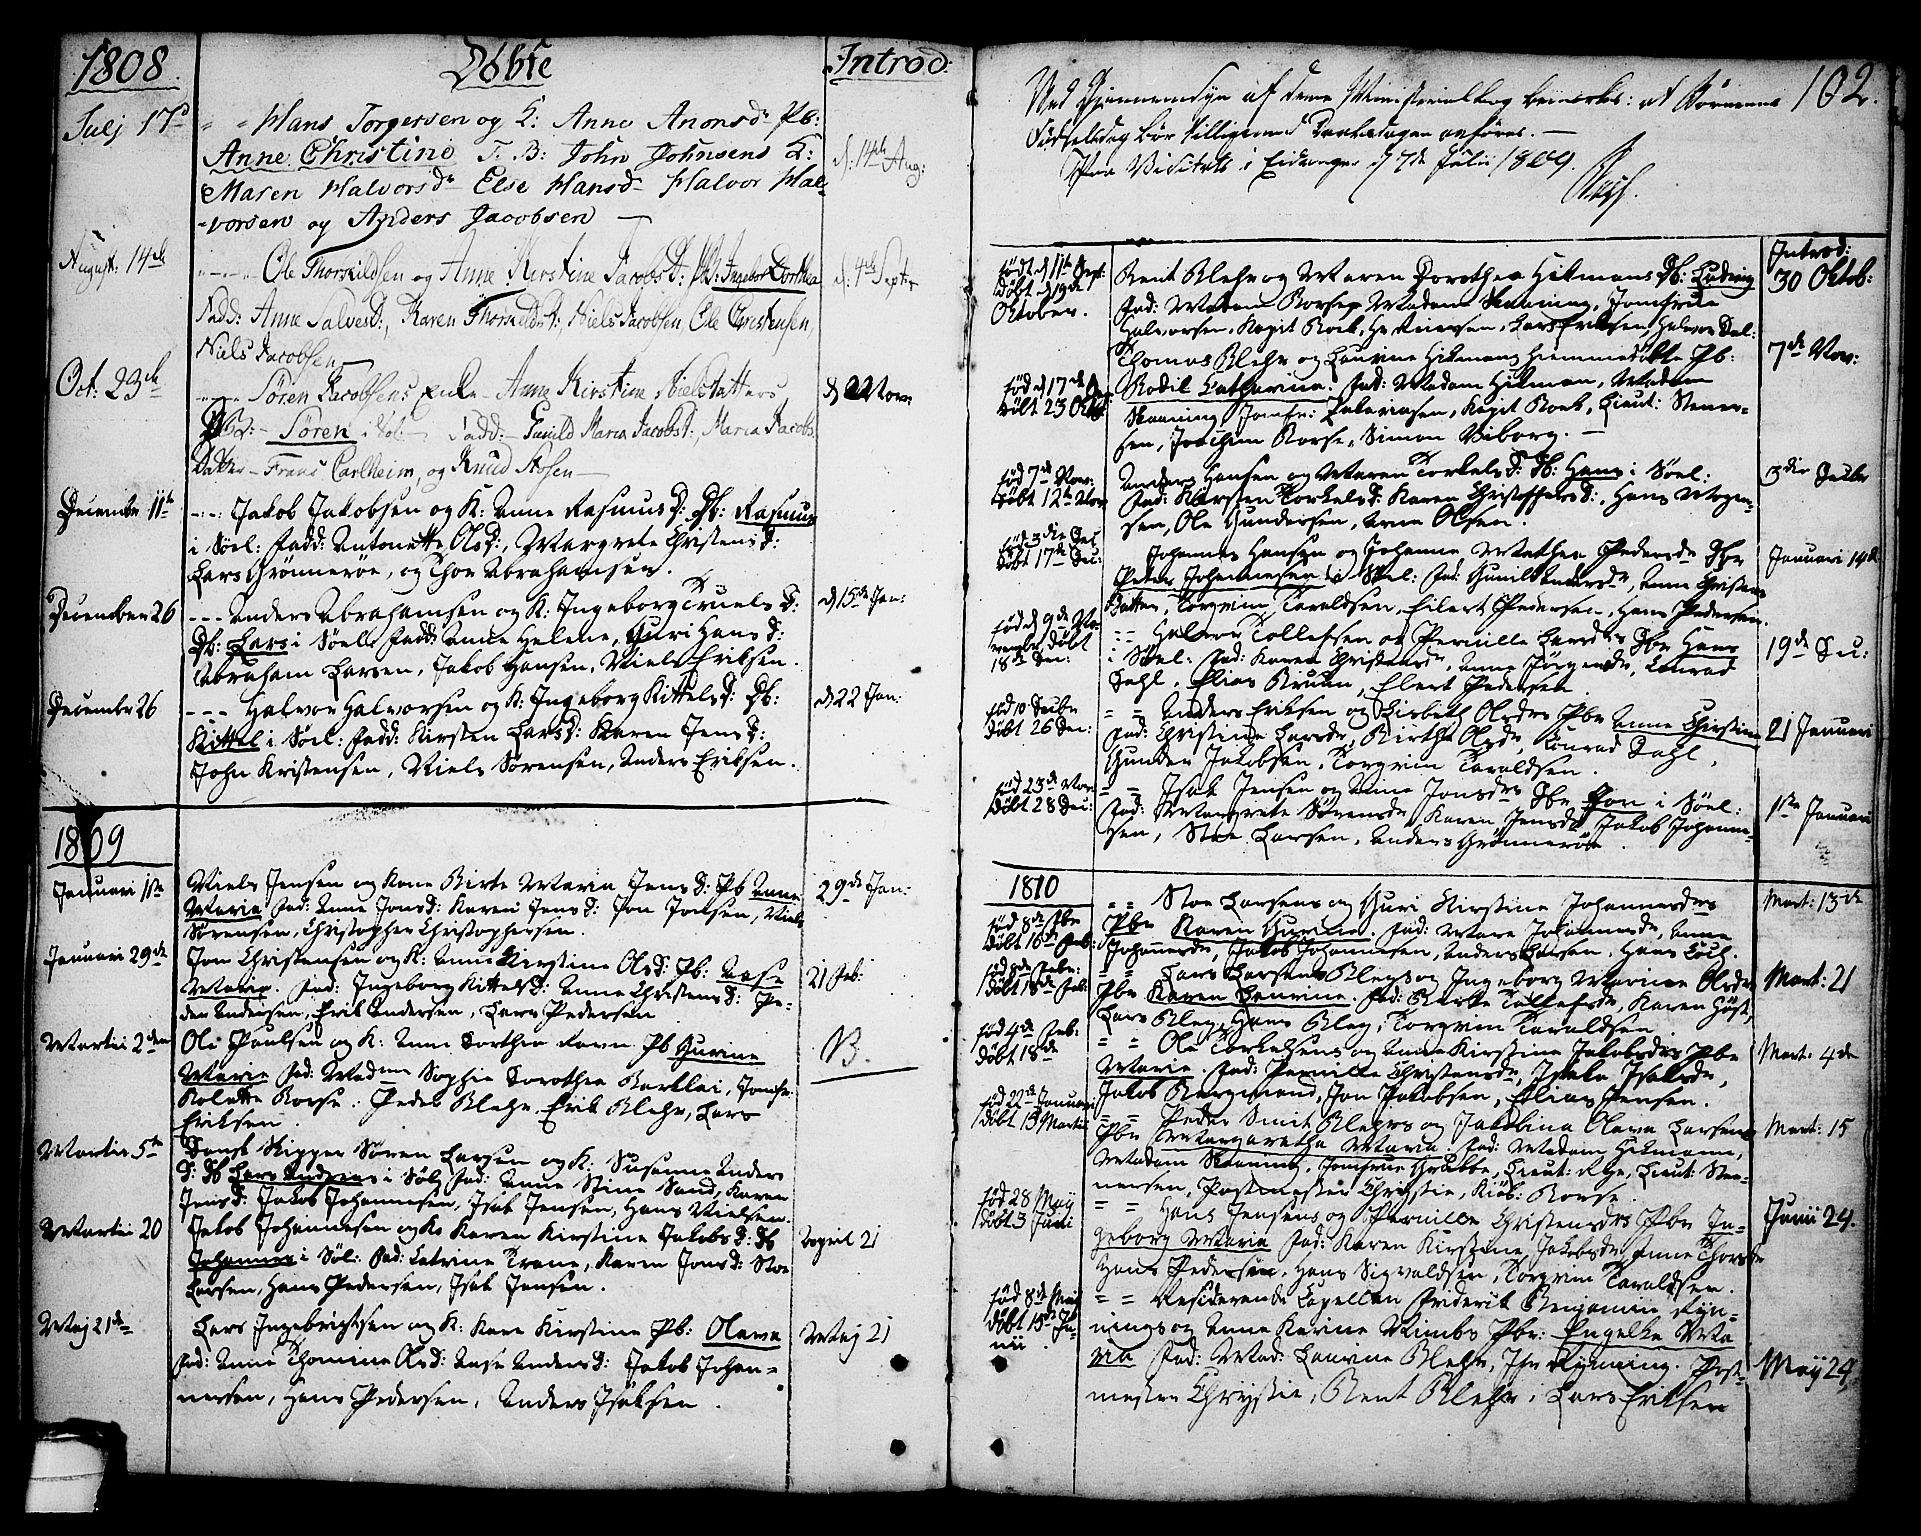 SAKO, Brevik kirkebøker, F/Fa/L0003: Ministerialbok nr. 3, 1764-1814, s. 102